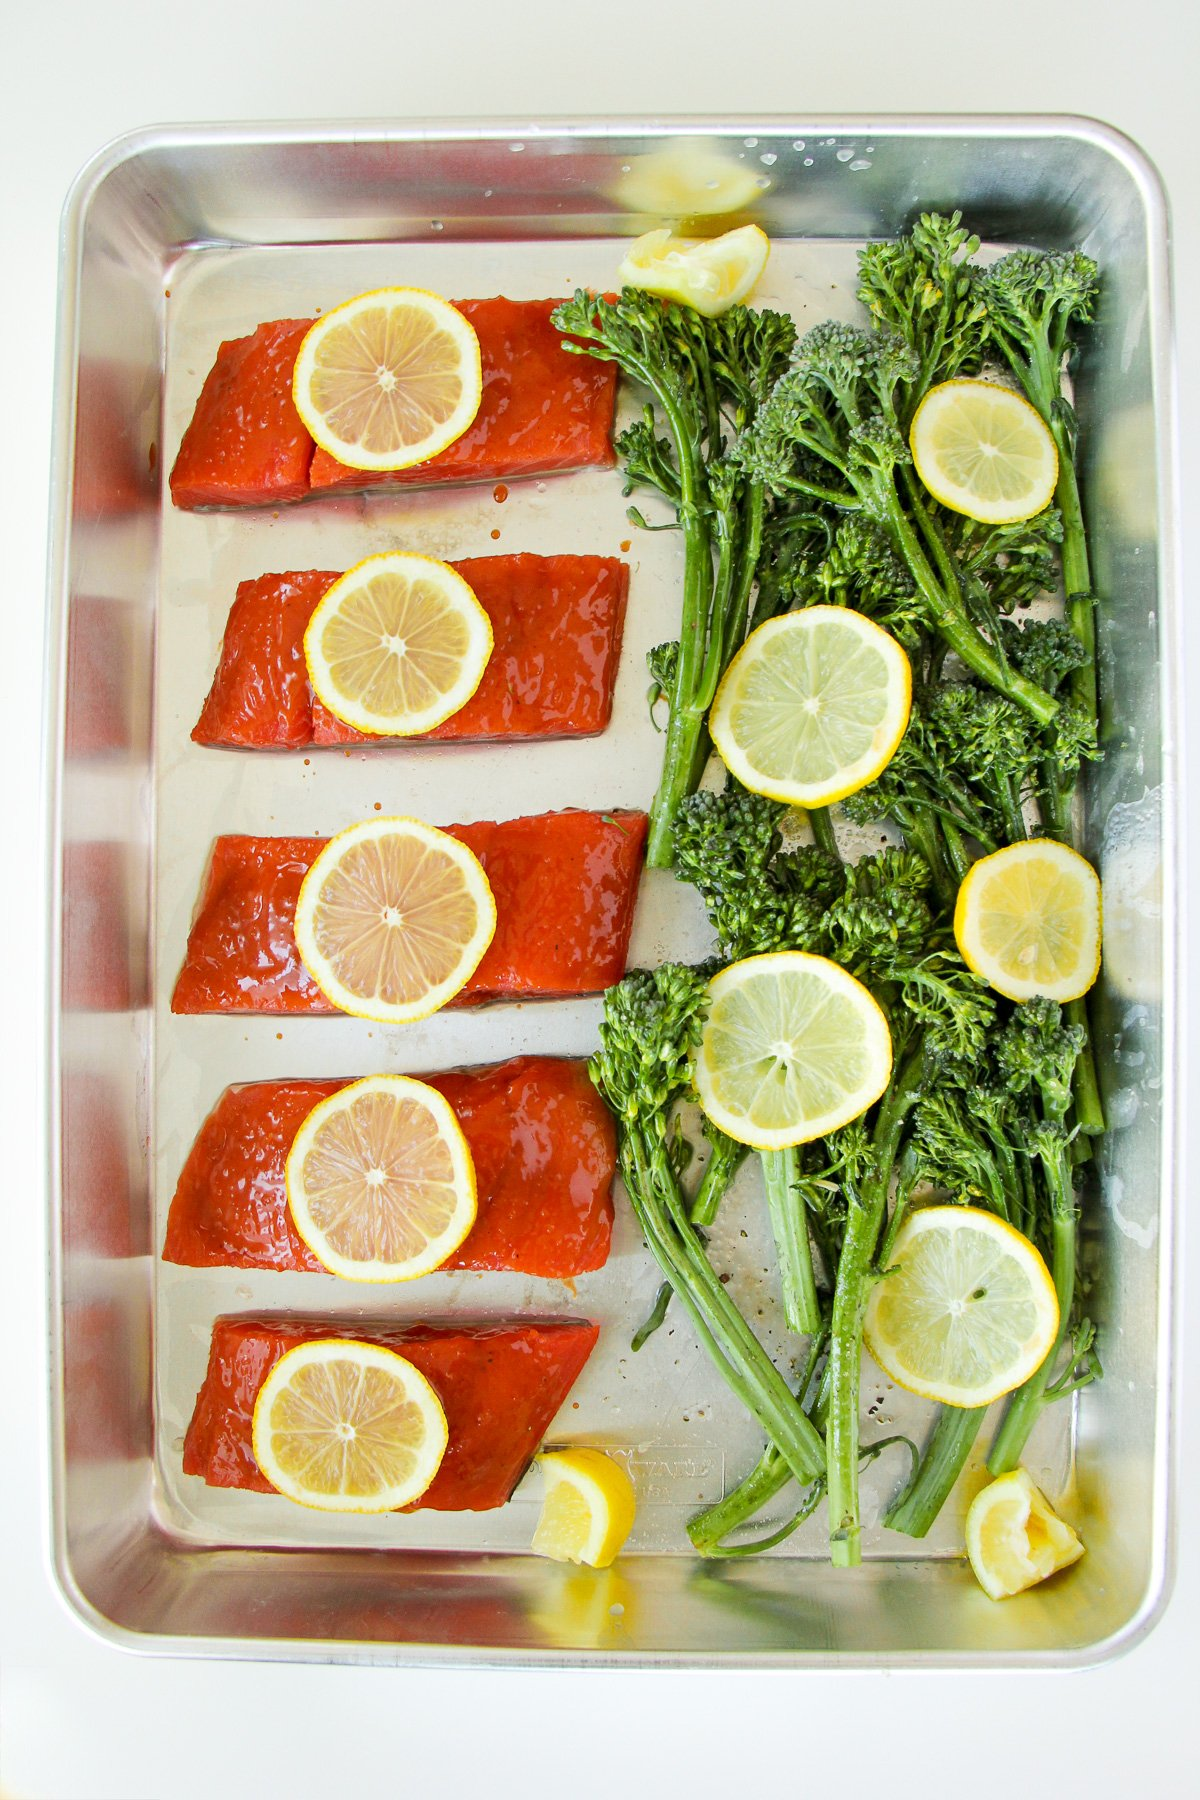 Lemon and Maple Salmon Sheet Pan Dinner